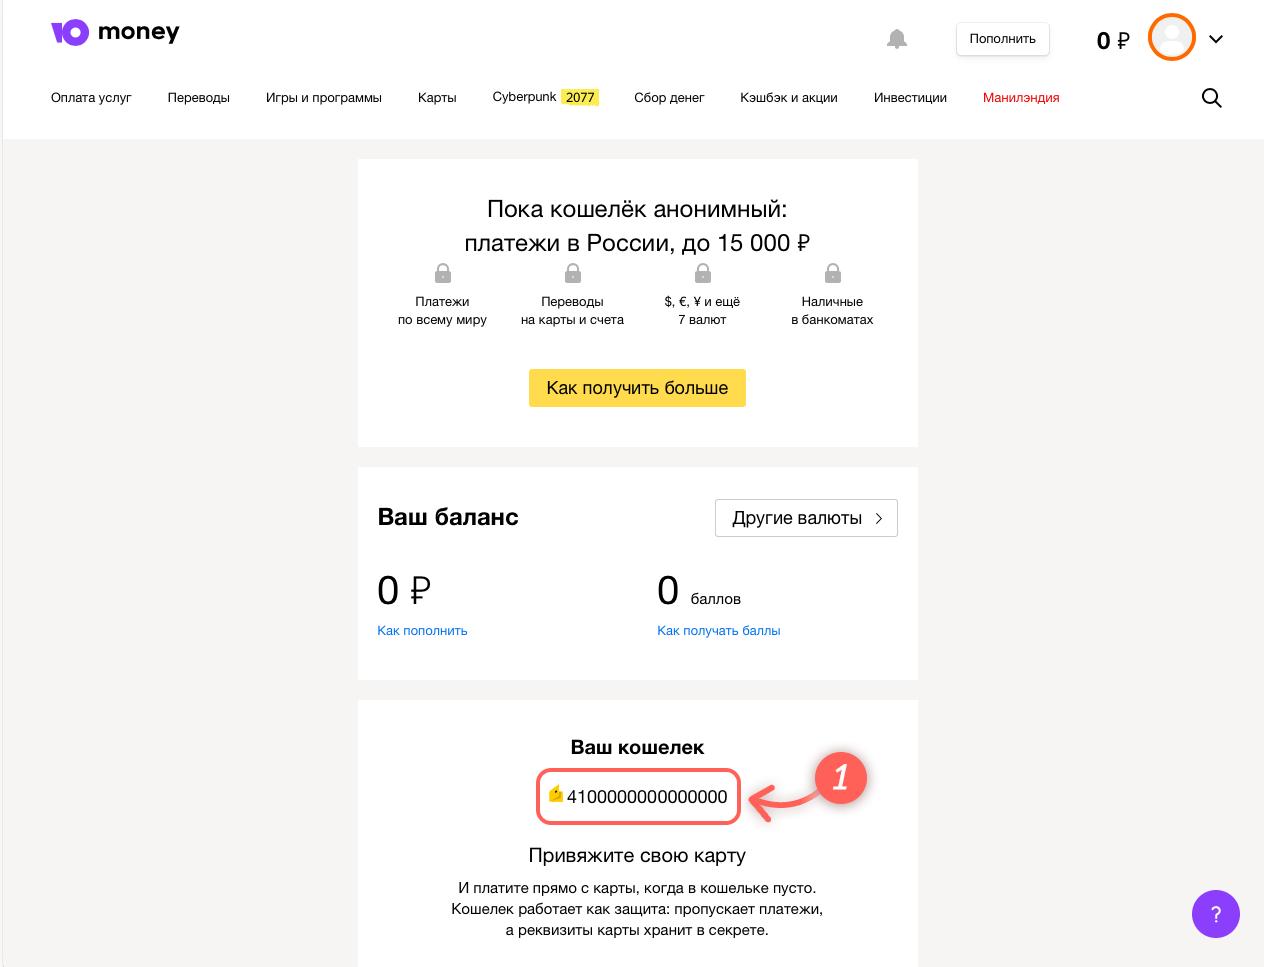 Как узнать реквизиты владельца счета ЮMoney